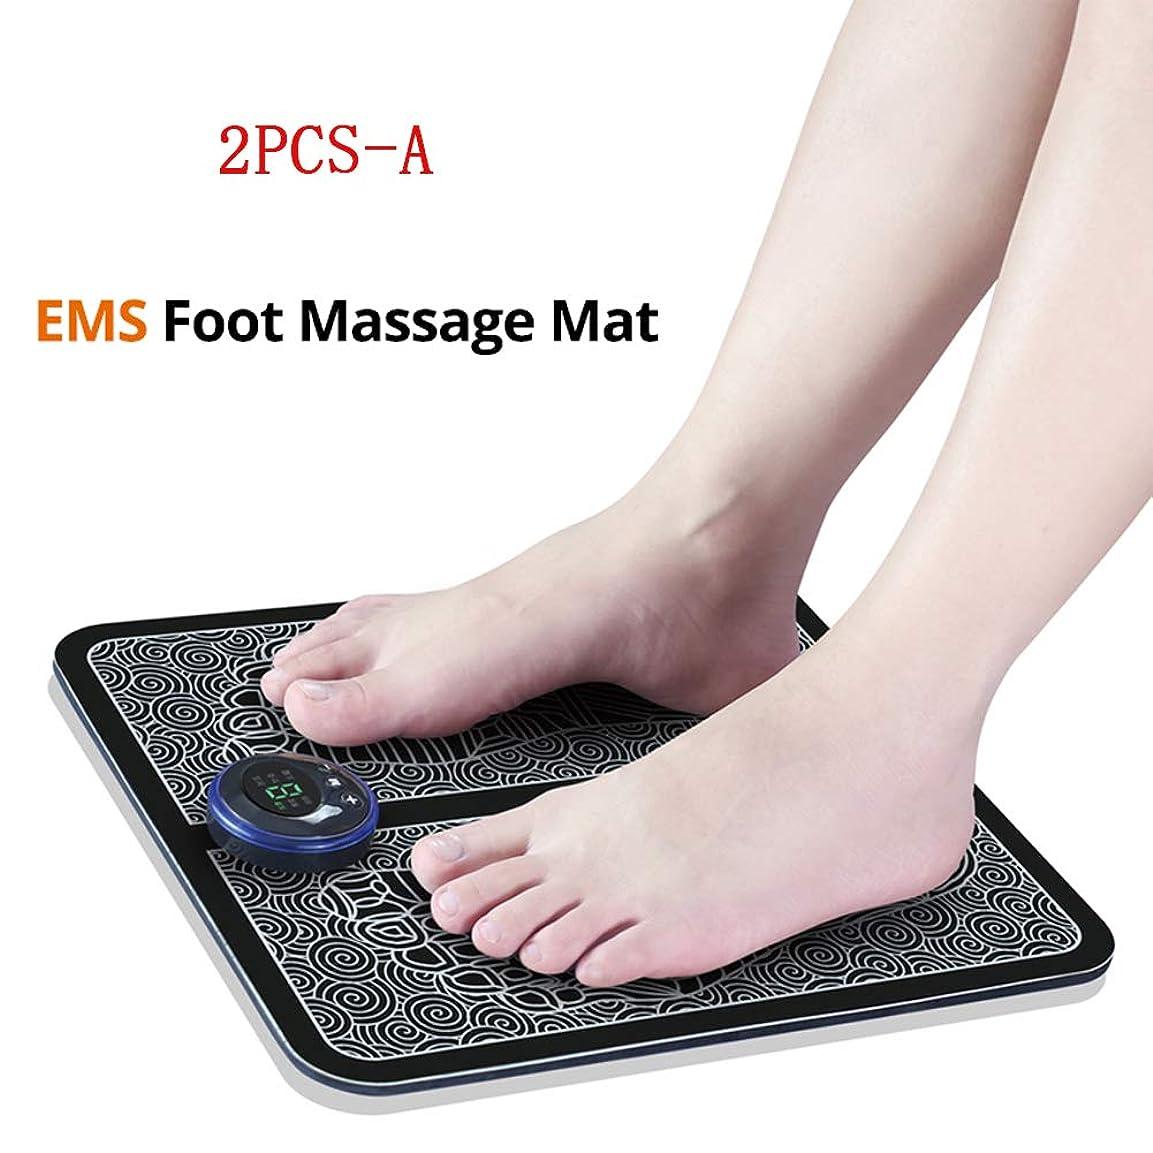 受動的賃金ロビーEMSスマートフットマッサージパッド、フットマッサージャー、足指圧療法、血液循環の促進、筋肉痛の緩和、男性と女性用、2個,A